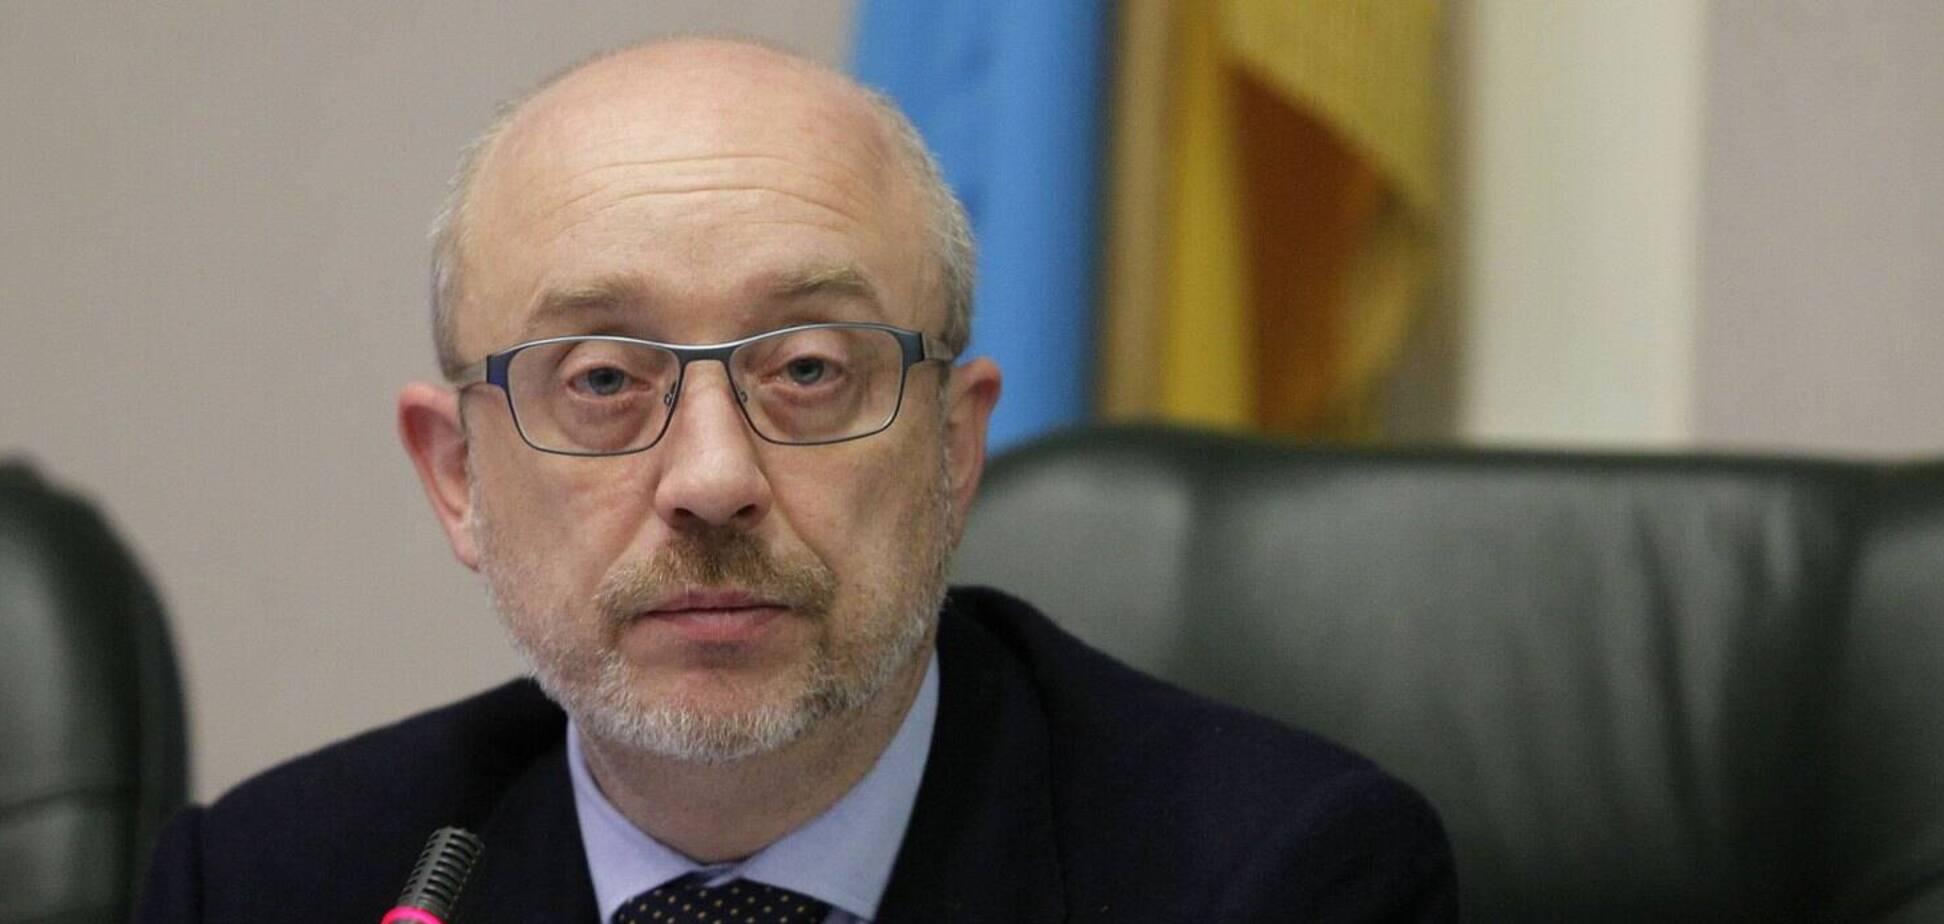 Міністр з питань реінтеграції тимчасово окупованих територій України Олексій Резніков